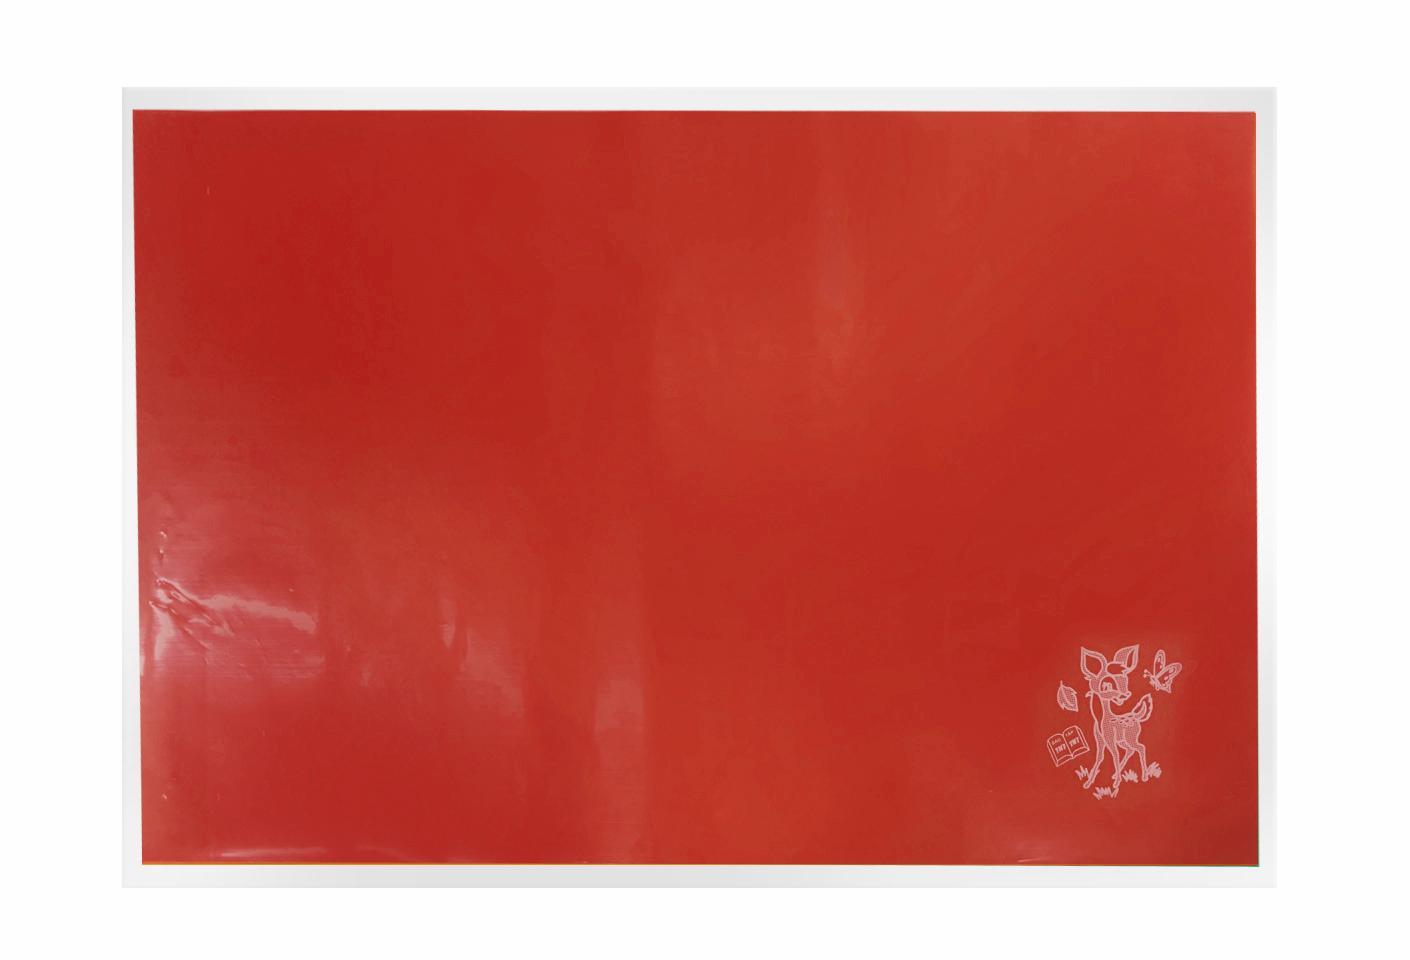 Mua Bao tập + Giấy màu Đỏ TN (25 tờ/xấp)